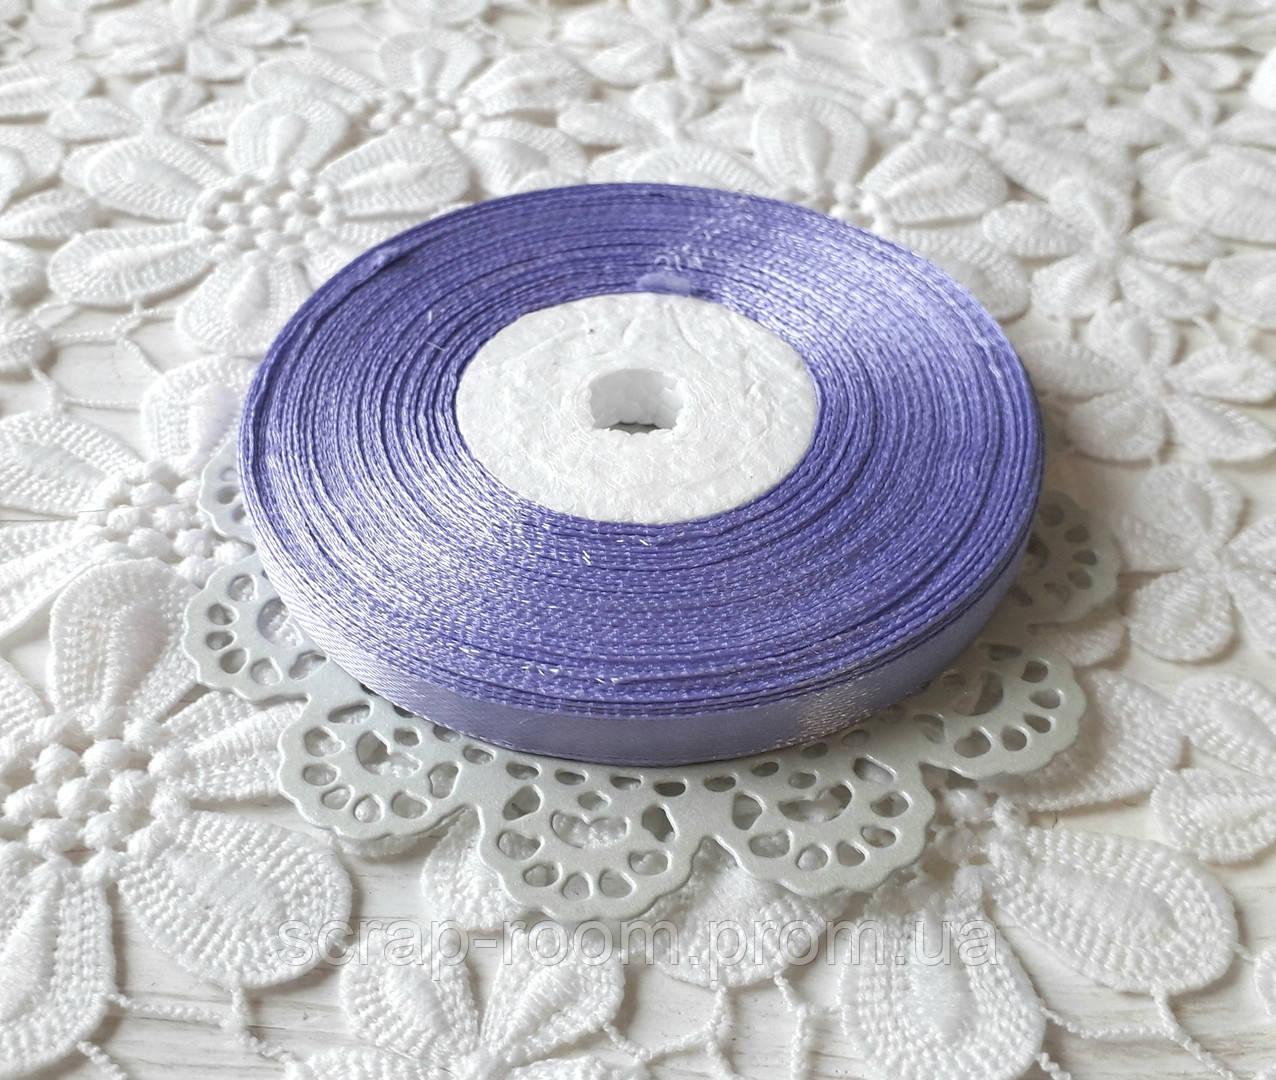 Лента атласная 0,6 см светло-фиолетовая, лента фиолетовая атлас, лента атласная цвет фиолетовый, цена за метр